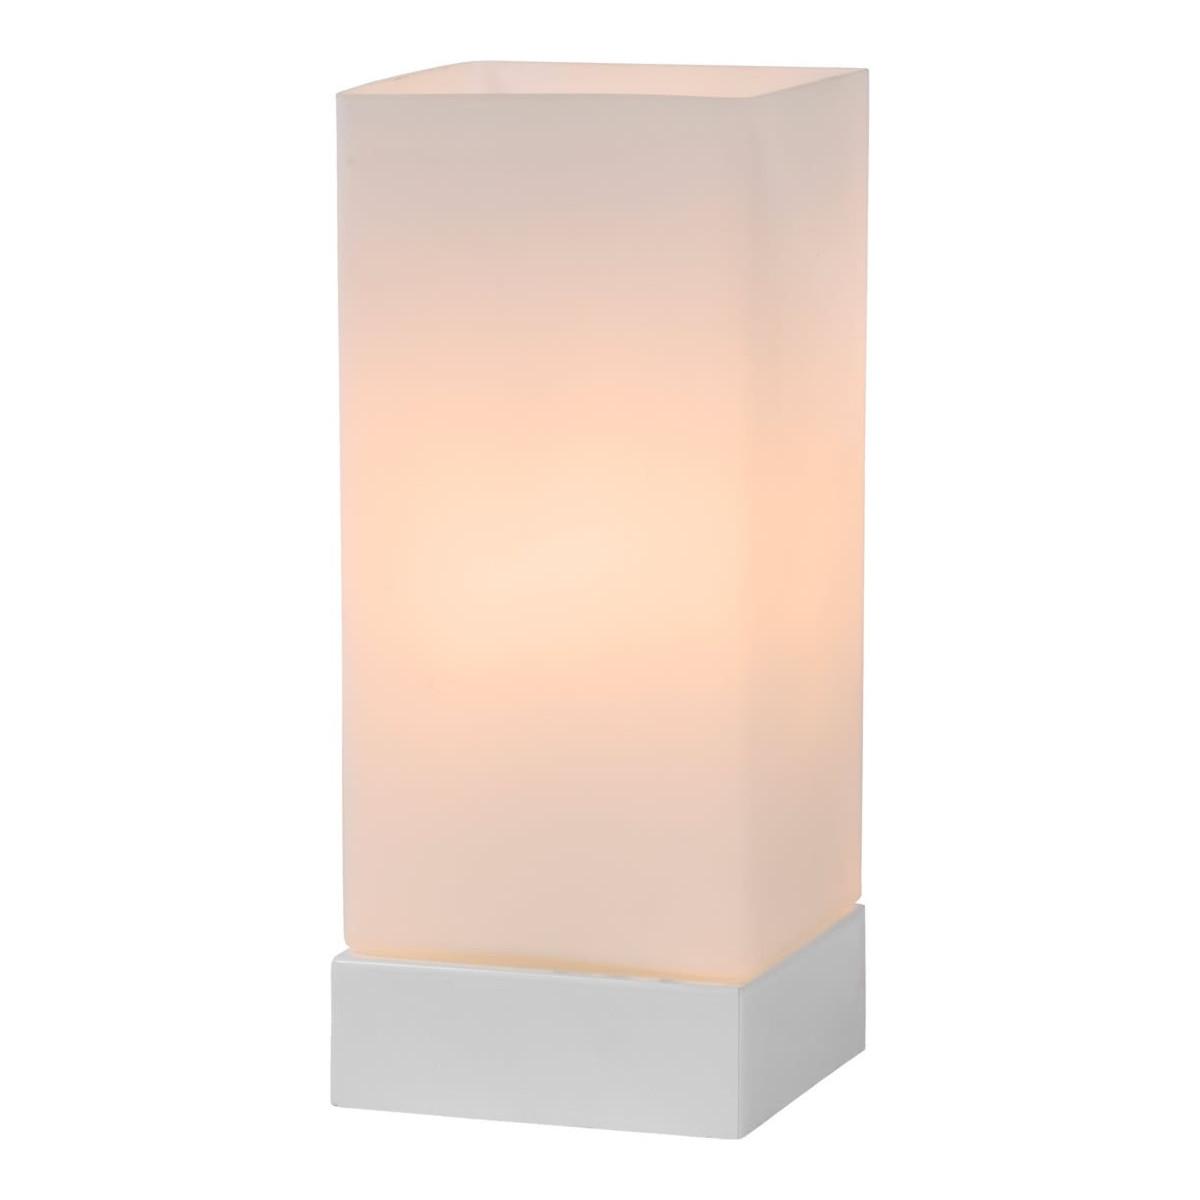 Lampe de table moderne tactile en verre blanc